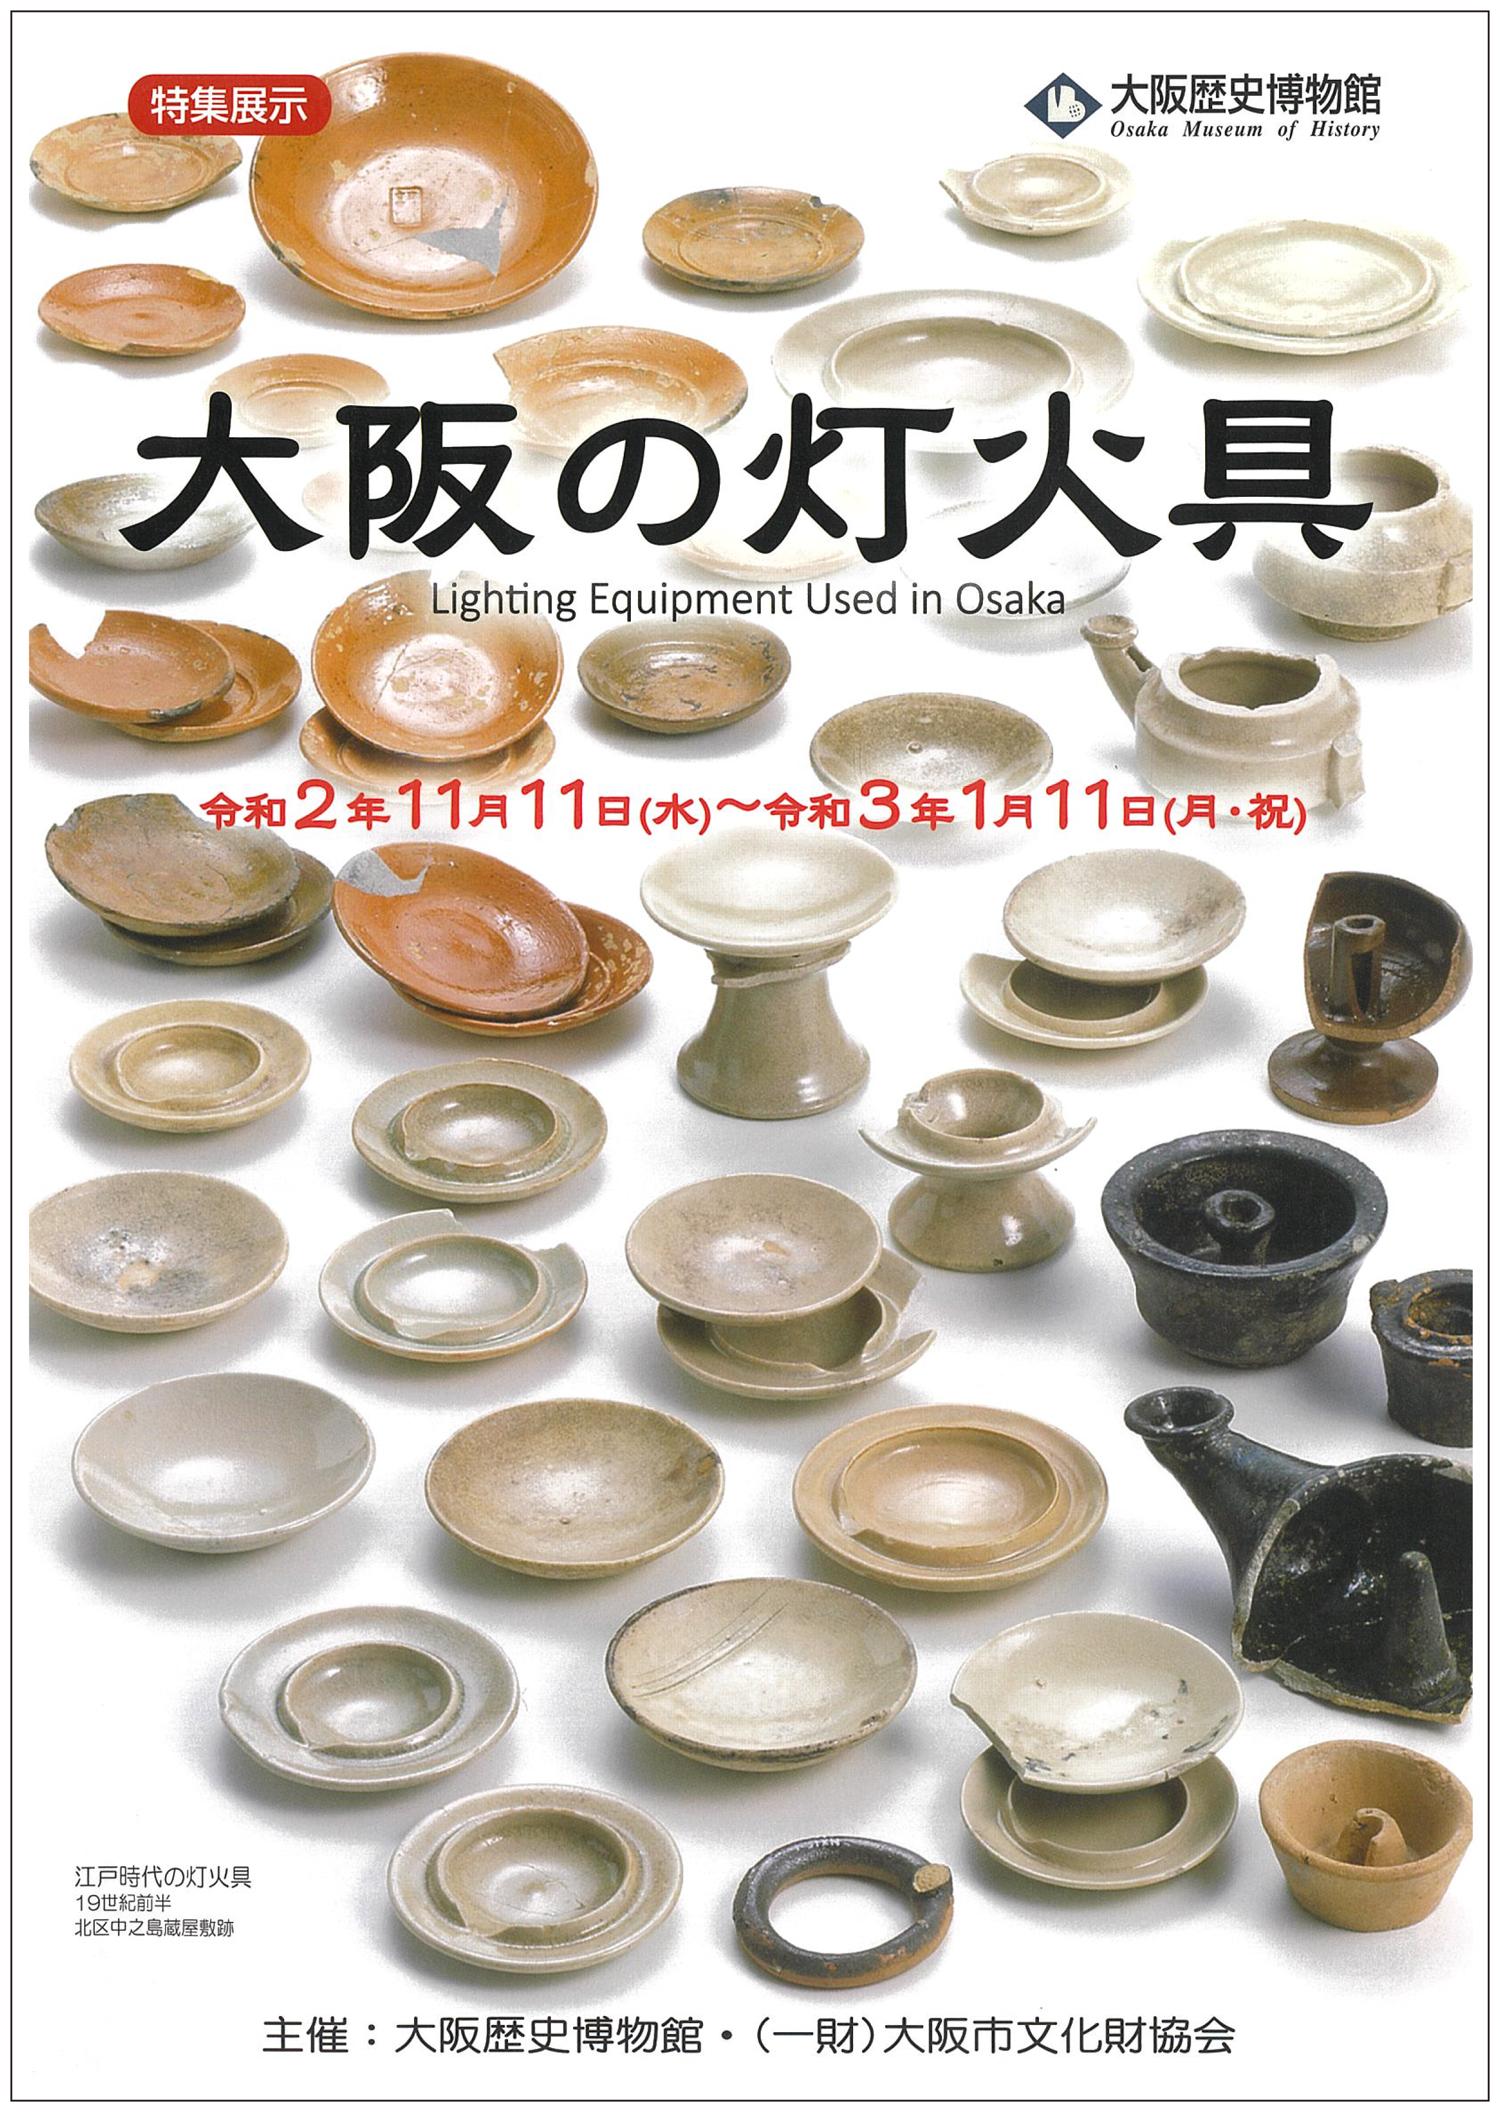 特集展示「大阪の灯火具」